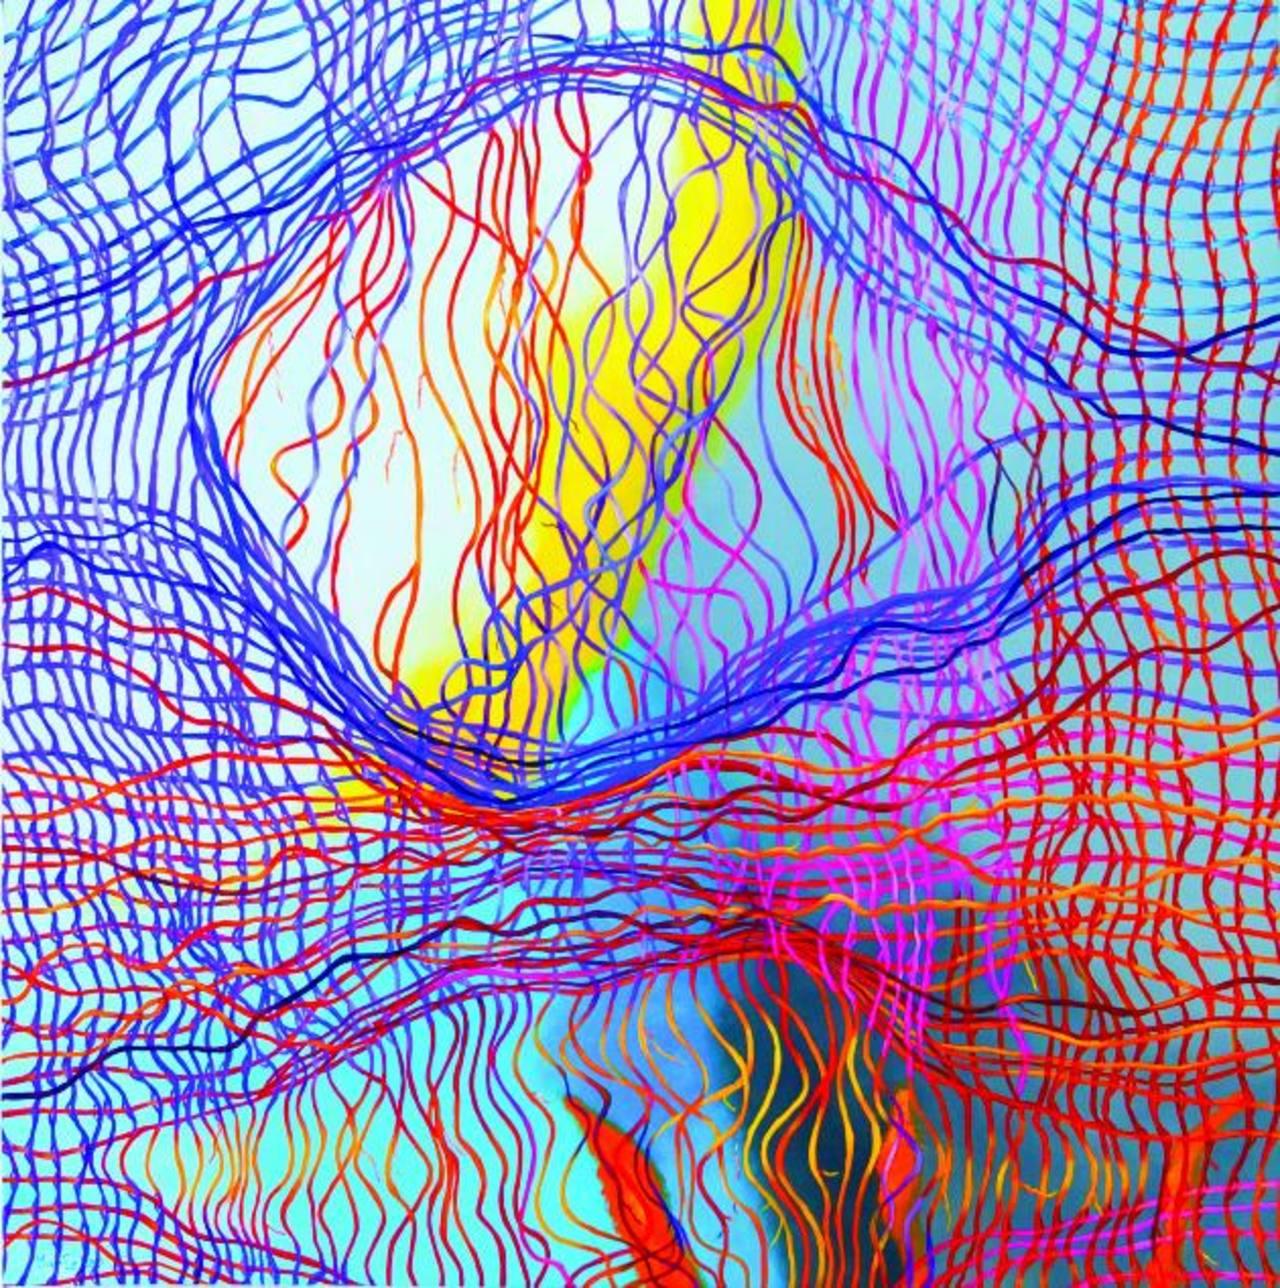 Una de las obras de la artista nicaragüense, quien afirma que para ella crear es lo más sublime. Disfruta de experimentar.